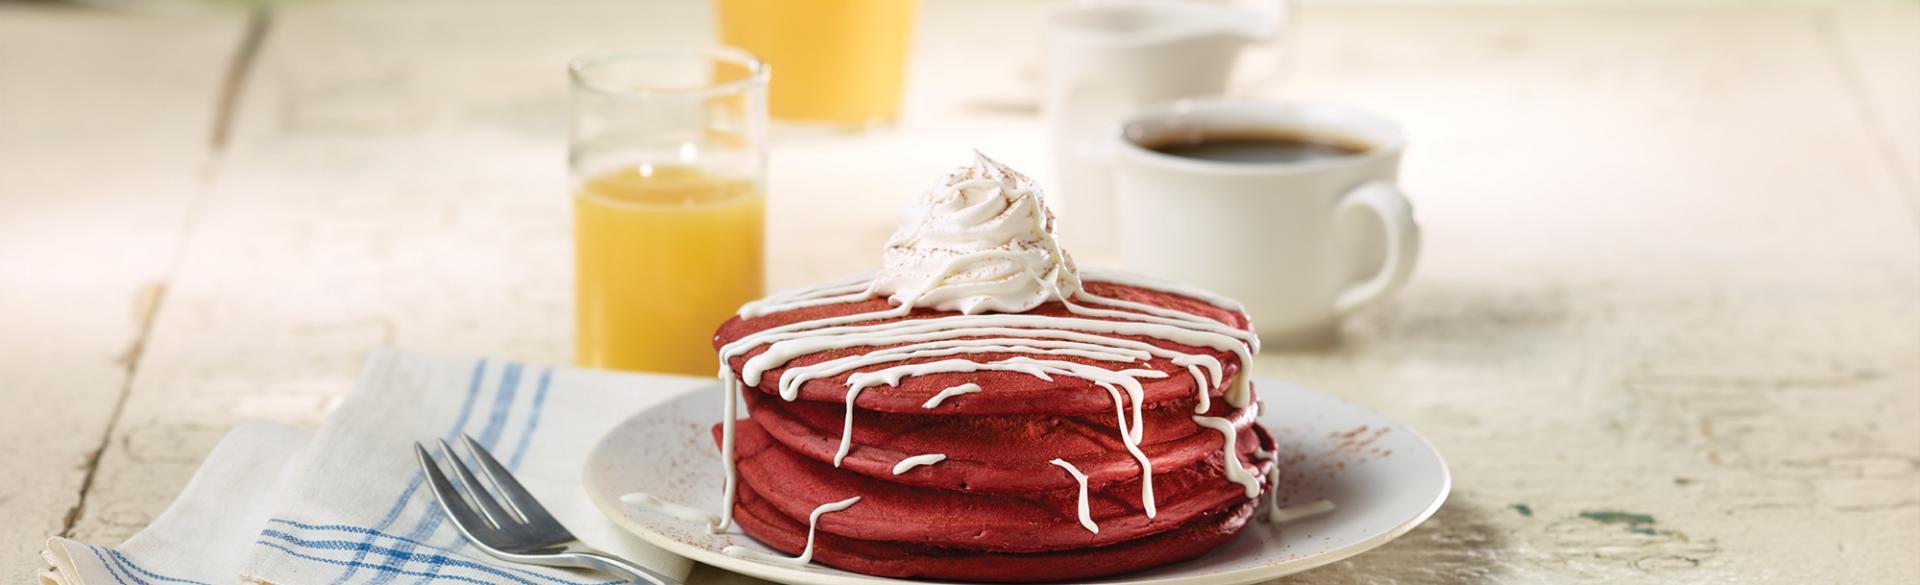 Food - Red Velvet Pancakes